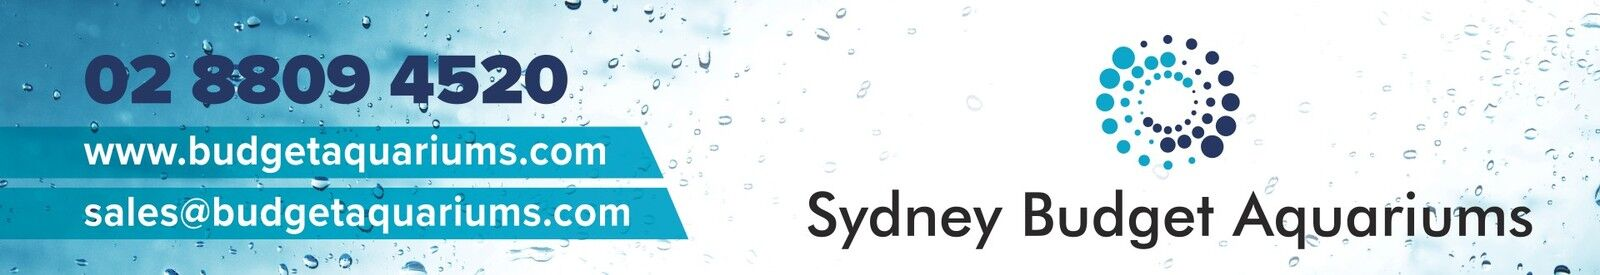 Sydney Budget Aquariums